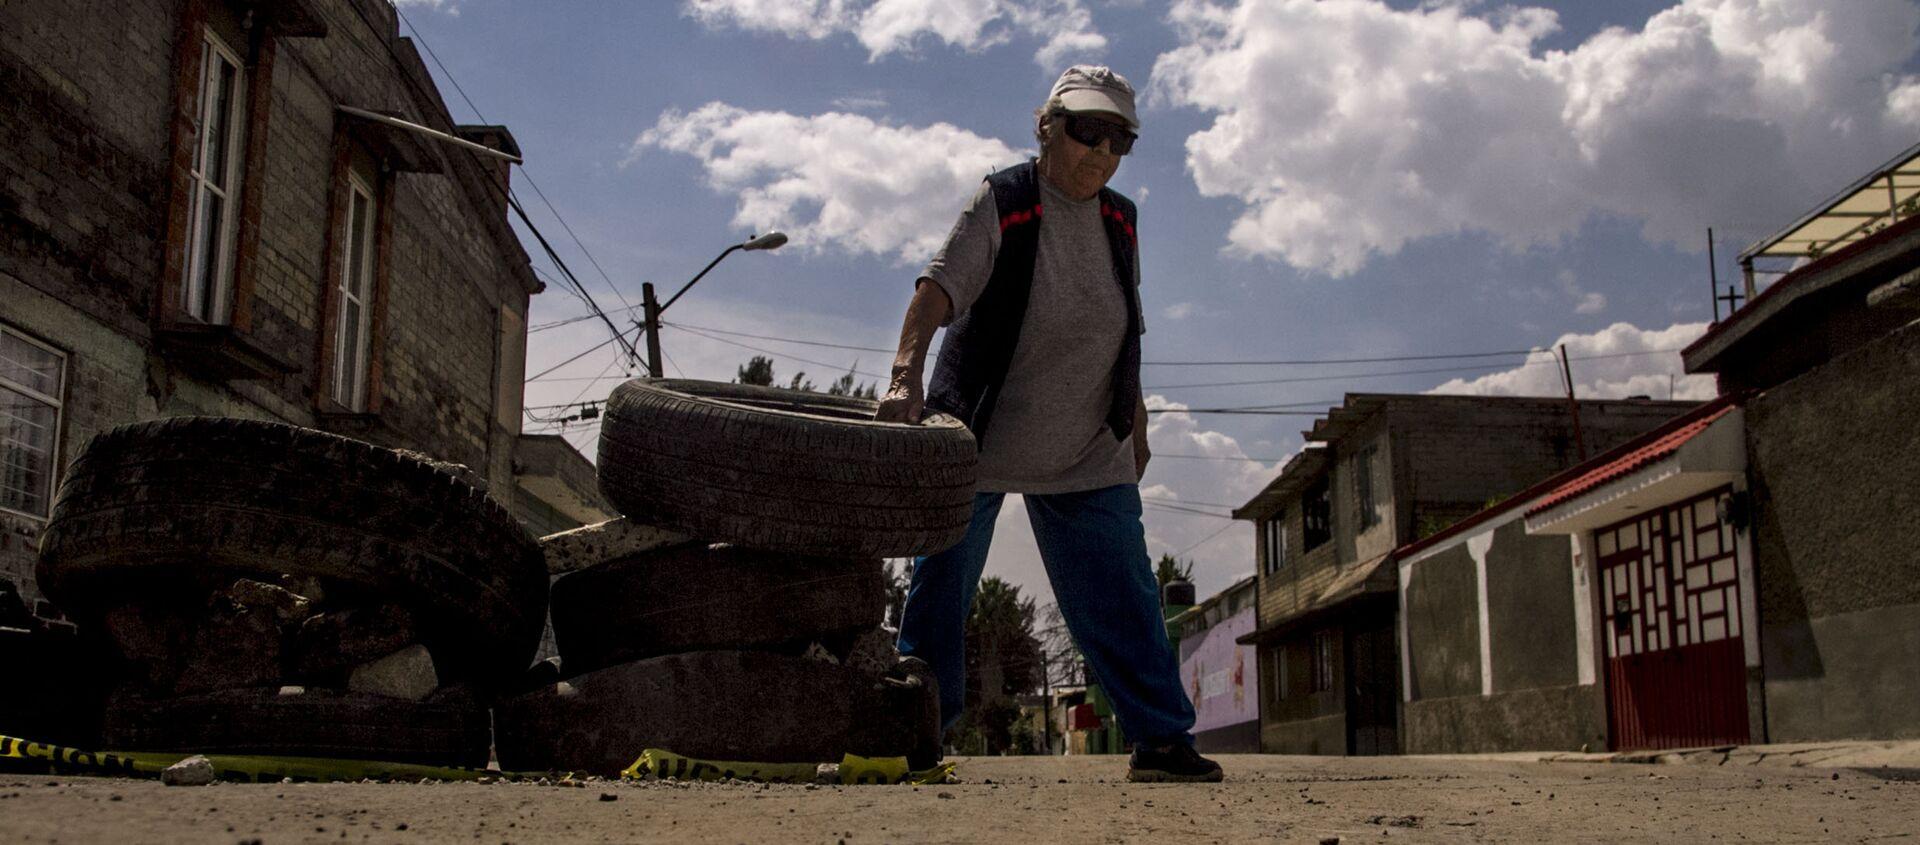 Esperanza coloca neumáticos en las calles dañadas de la Colonia del Mar tras el sismo del 19 de septiembre de 2017. - Sputnik Mundo, 1920, 19.07.2018